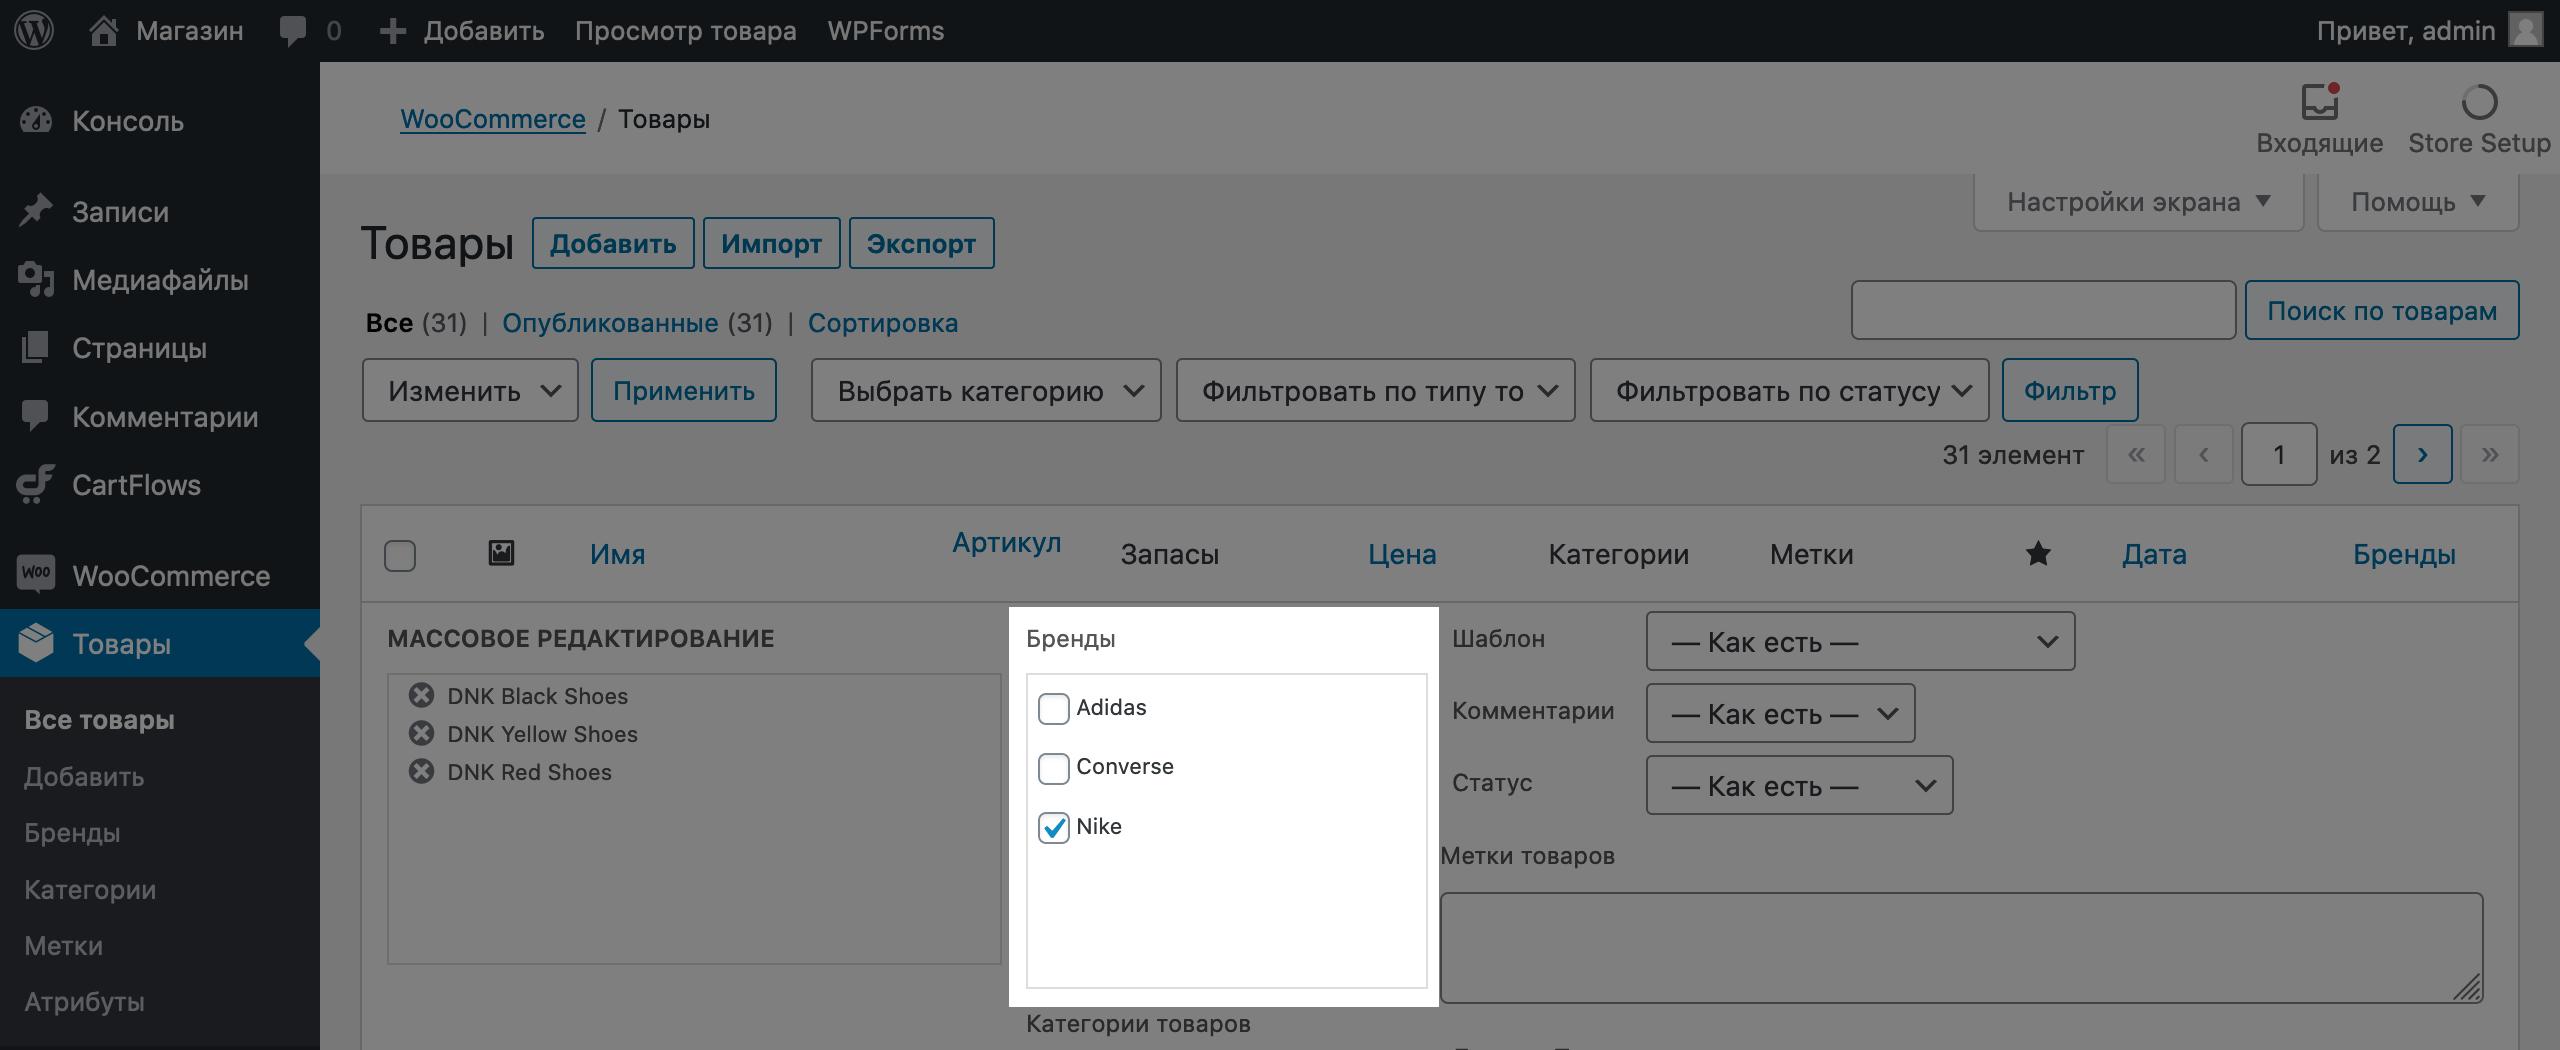 Настройка интернет-магазина WordPress: добавление сразу нескольких товаров к бренду